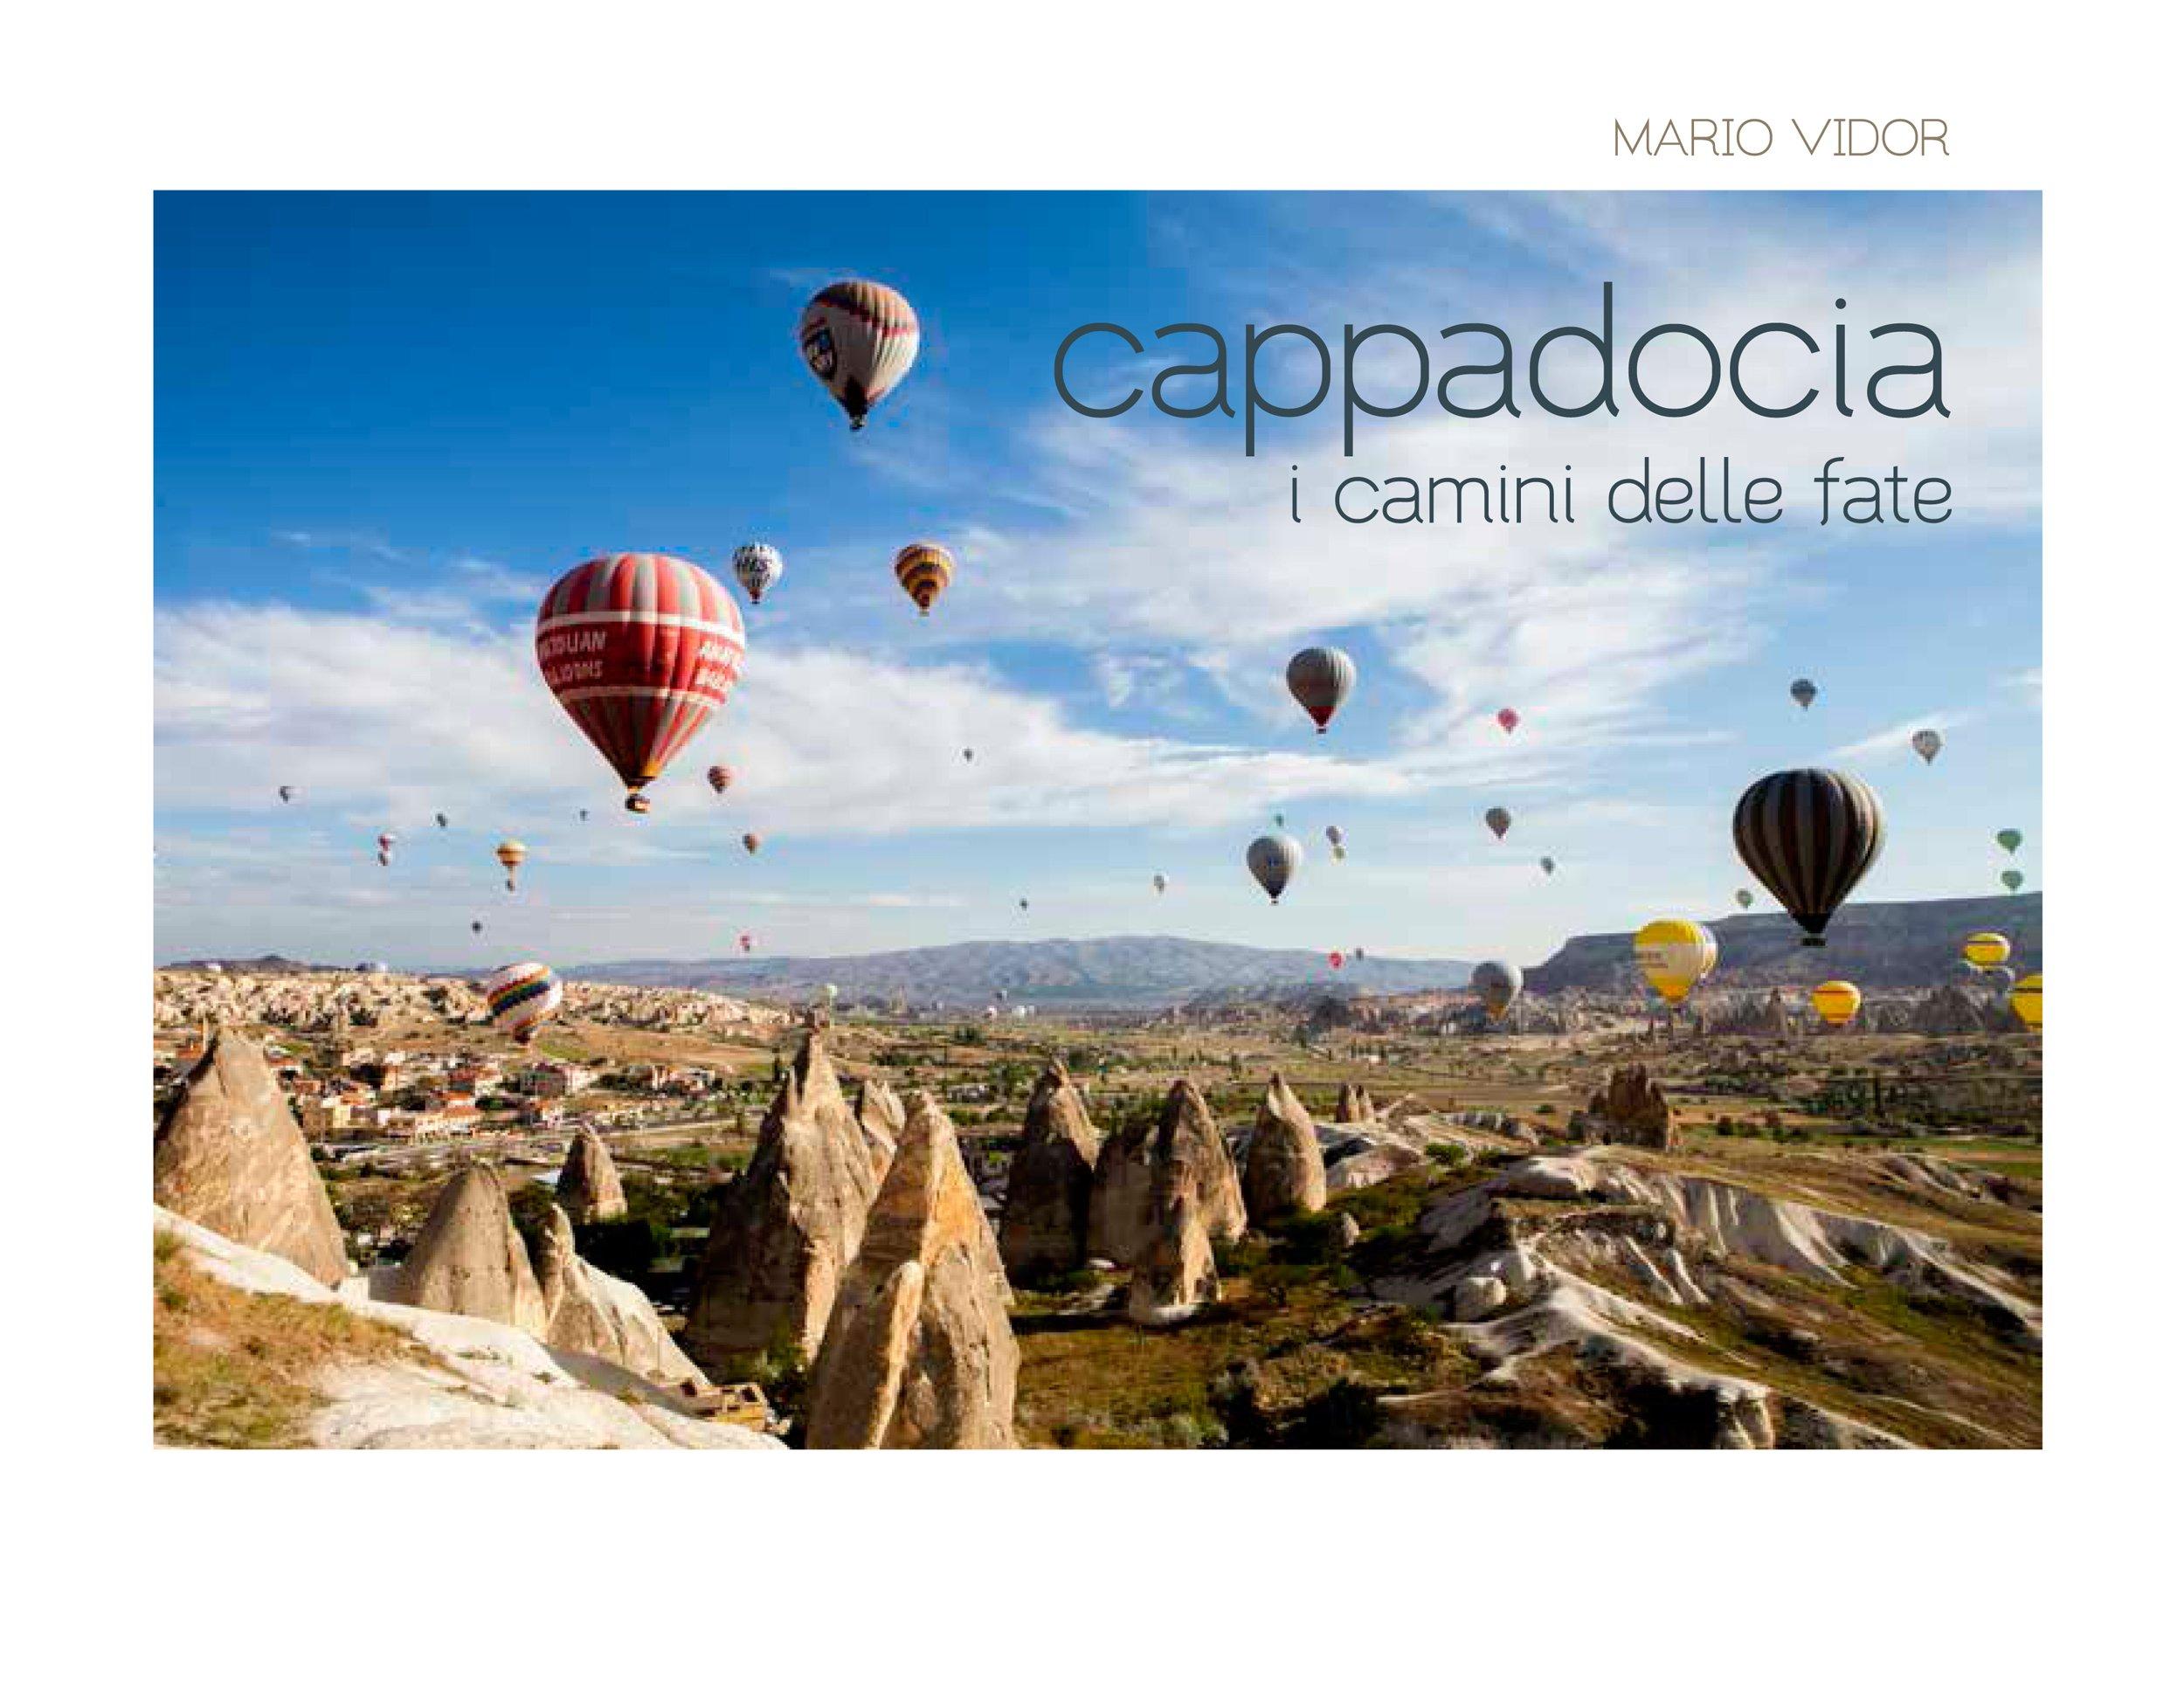 Cappadocia. I camini delle fate. Ediz. italiana e inglese (Inglese) Copertina rigida – 15 feb 2016 Mario Vidor Guido Cecere C. Tomasin Punto Marte